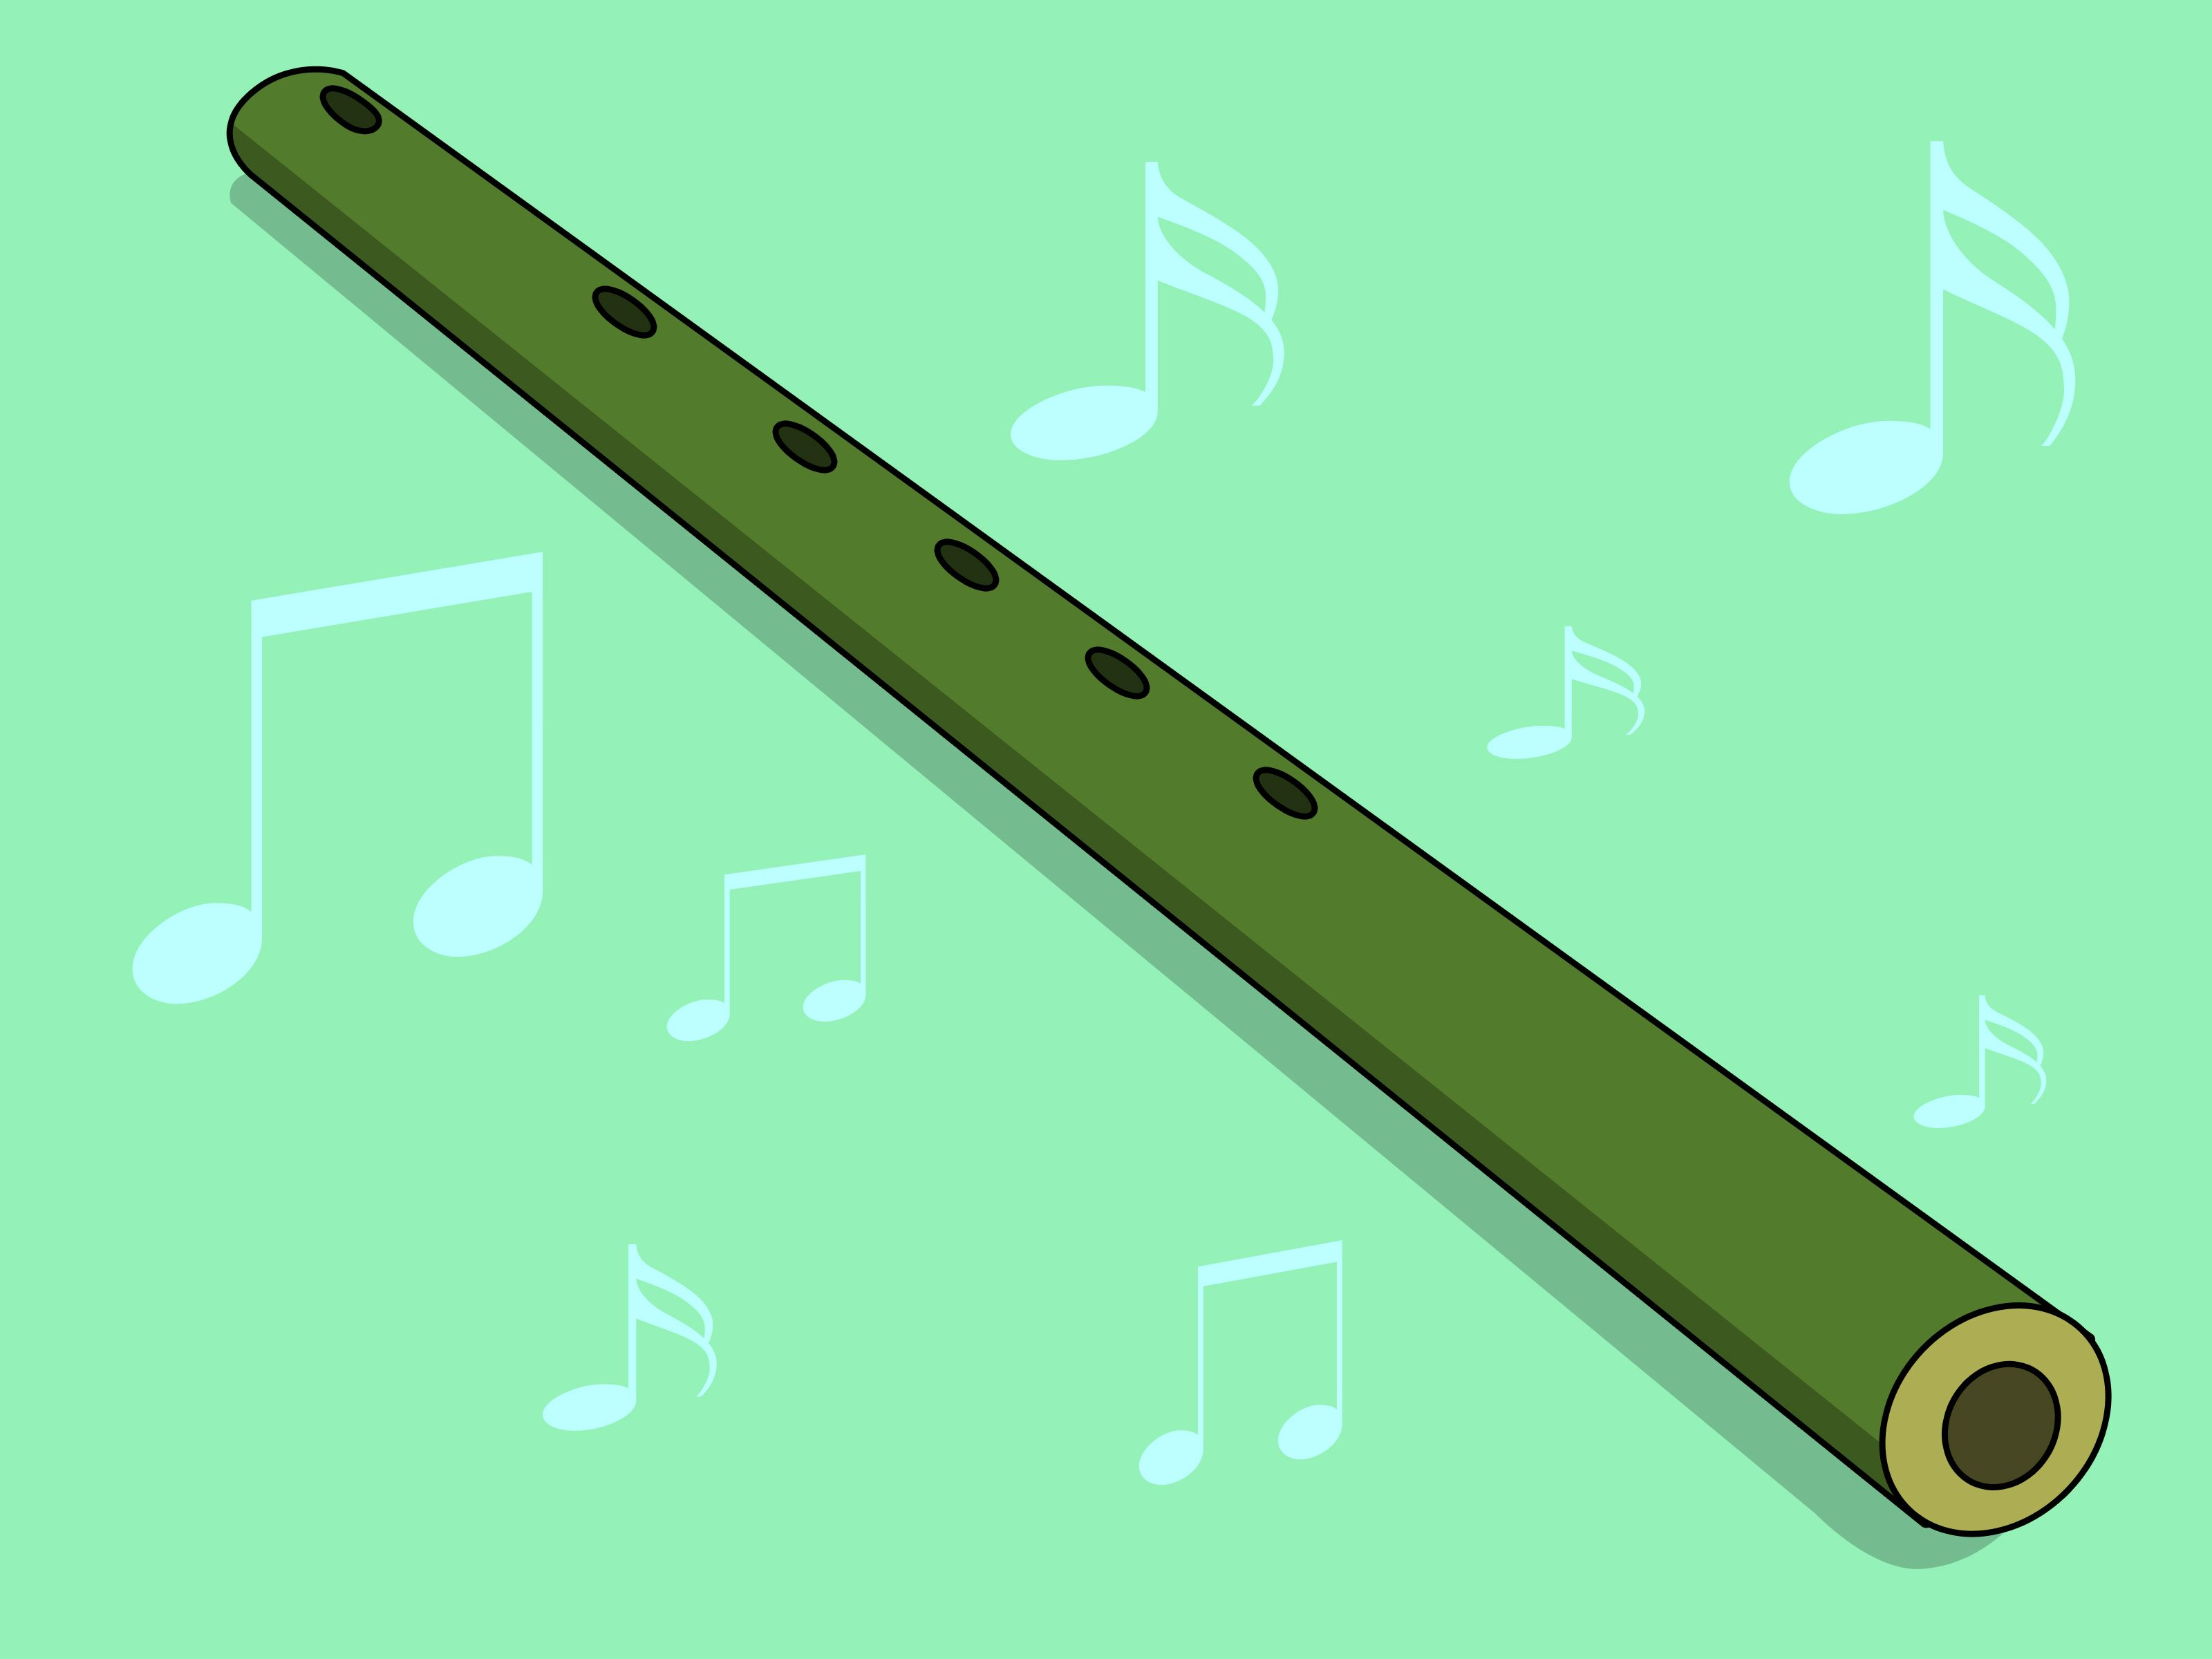 How to Make a Bamboo Flute -- via wikiHow.com